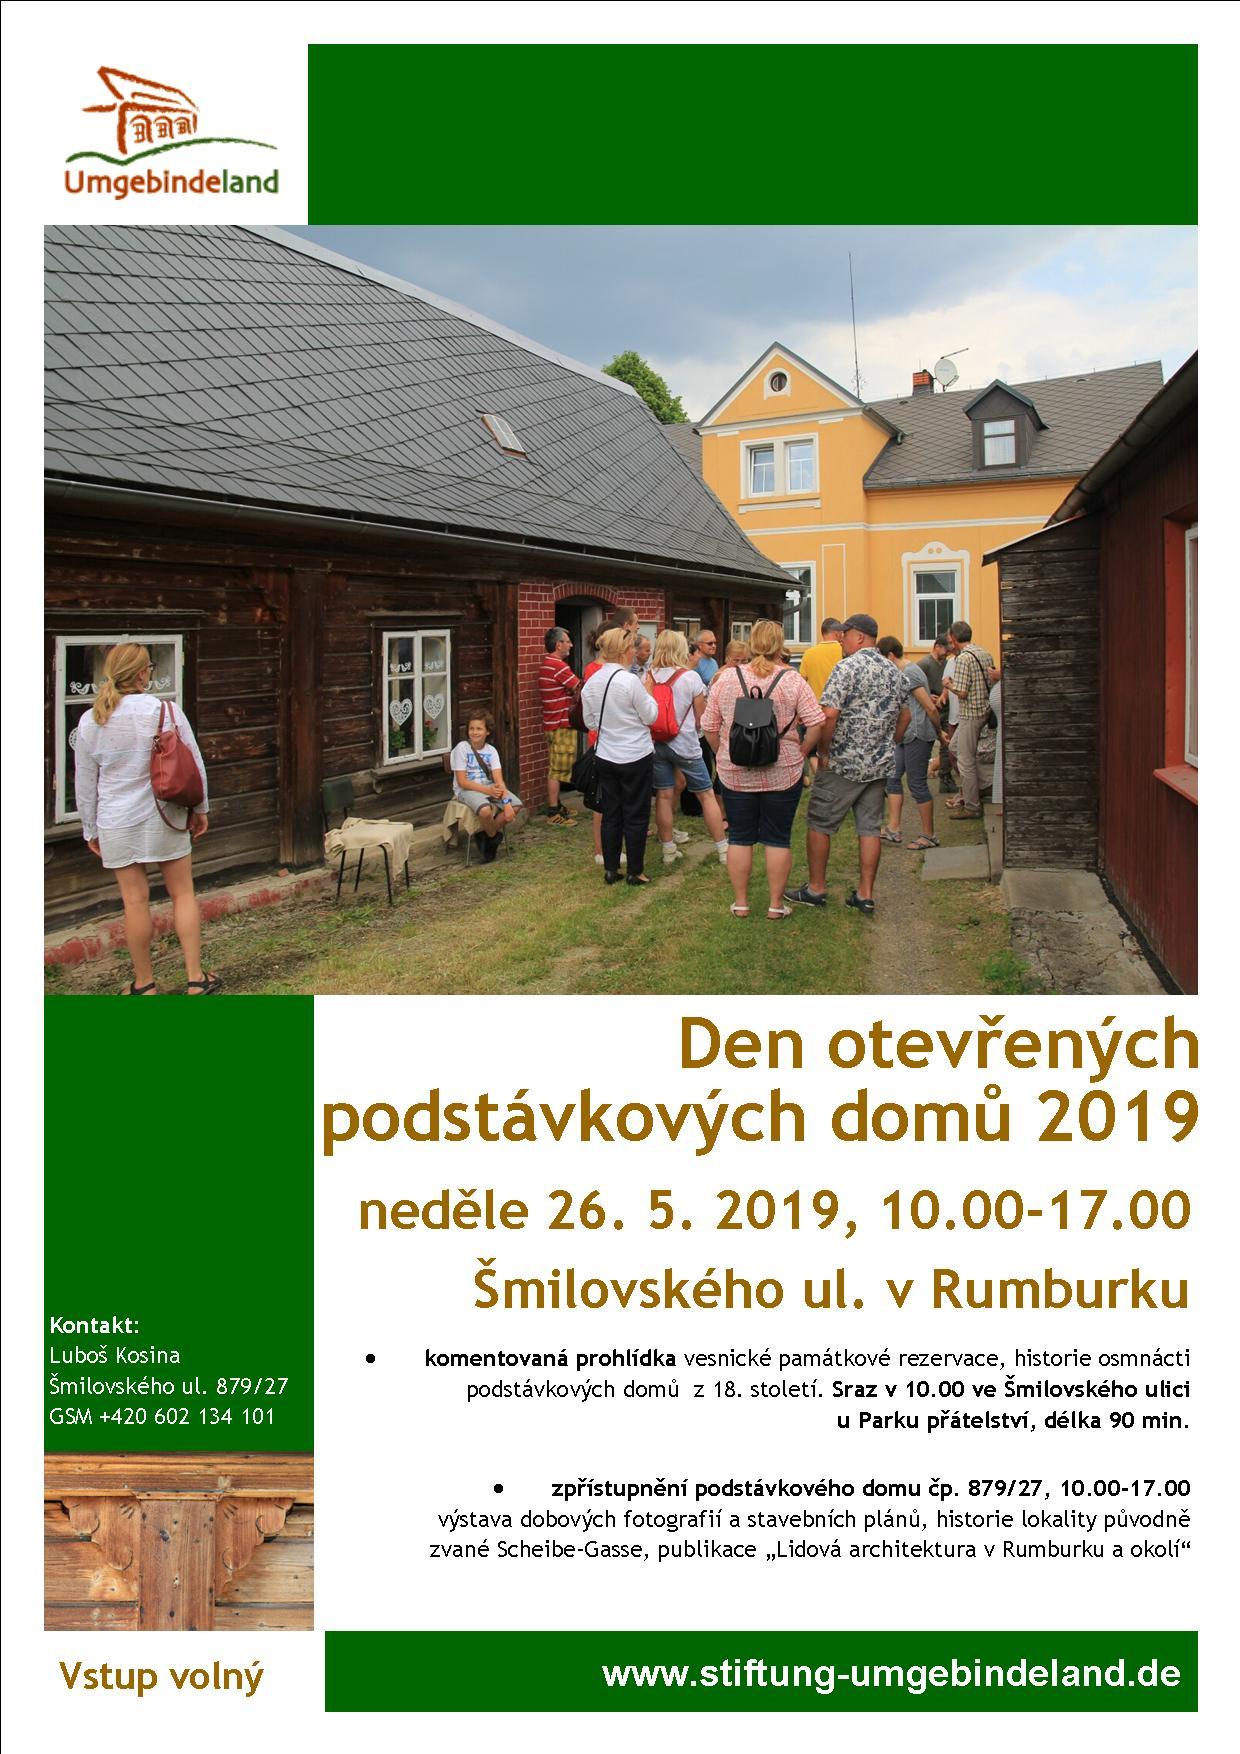 Den otevřených podstávkových domů 2019 v Rumburku